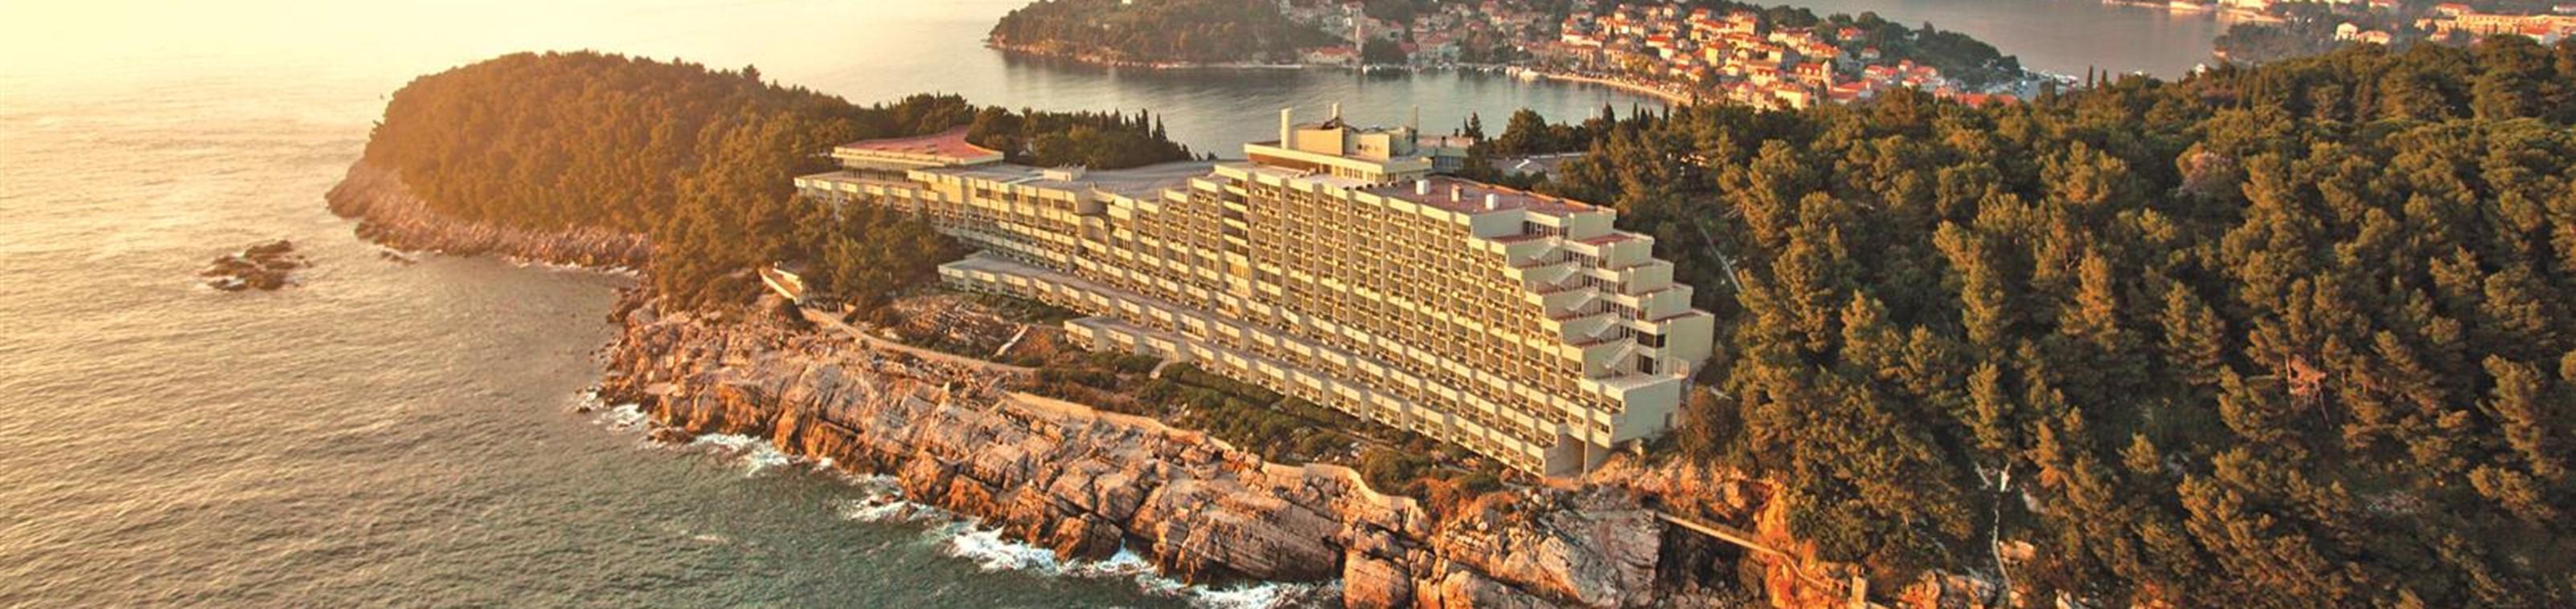 Zonnig strandhotel in Dubrovnik